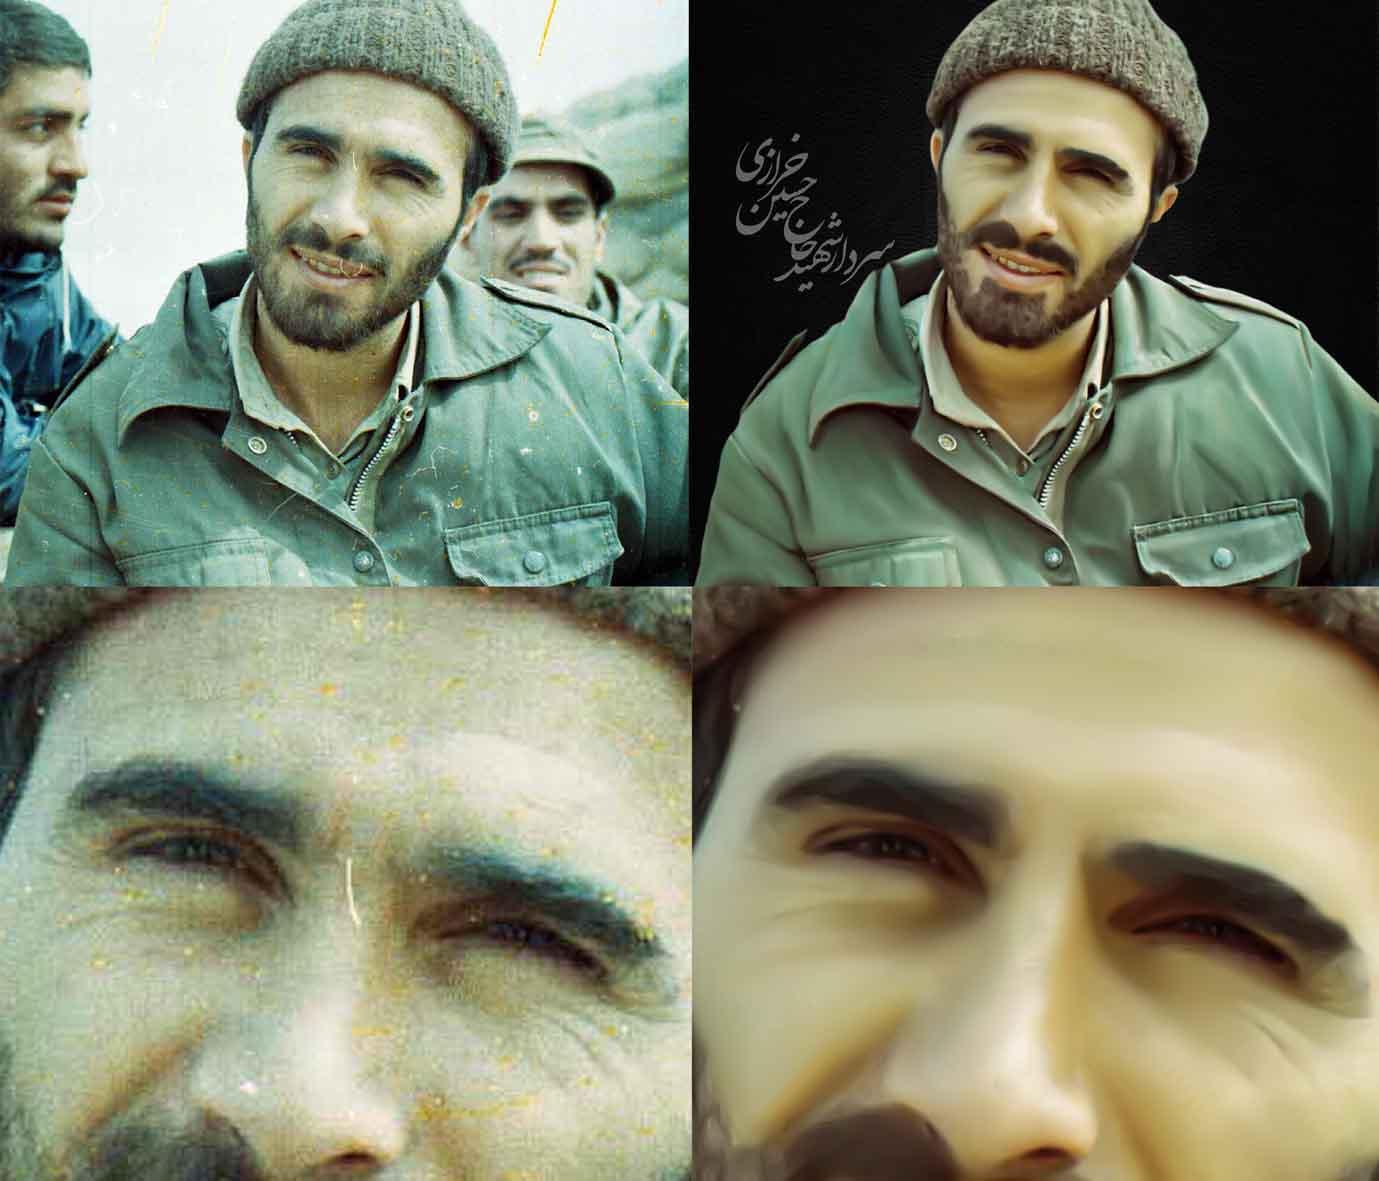 بازسازی تصویر شهید خرازی